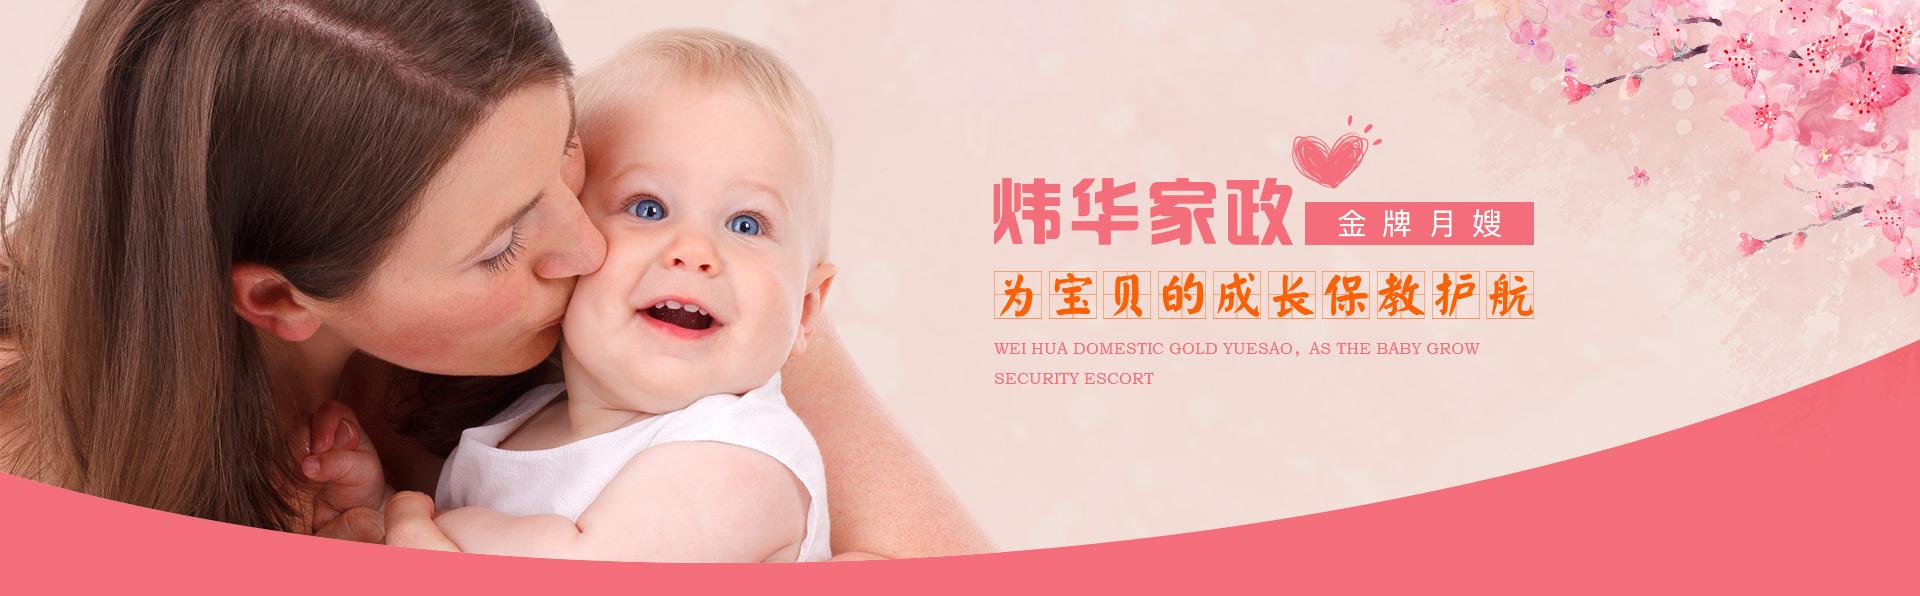 重庆家政公司